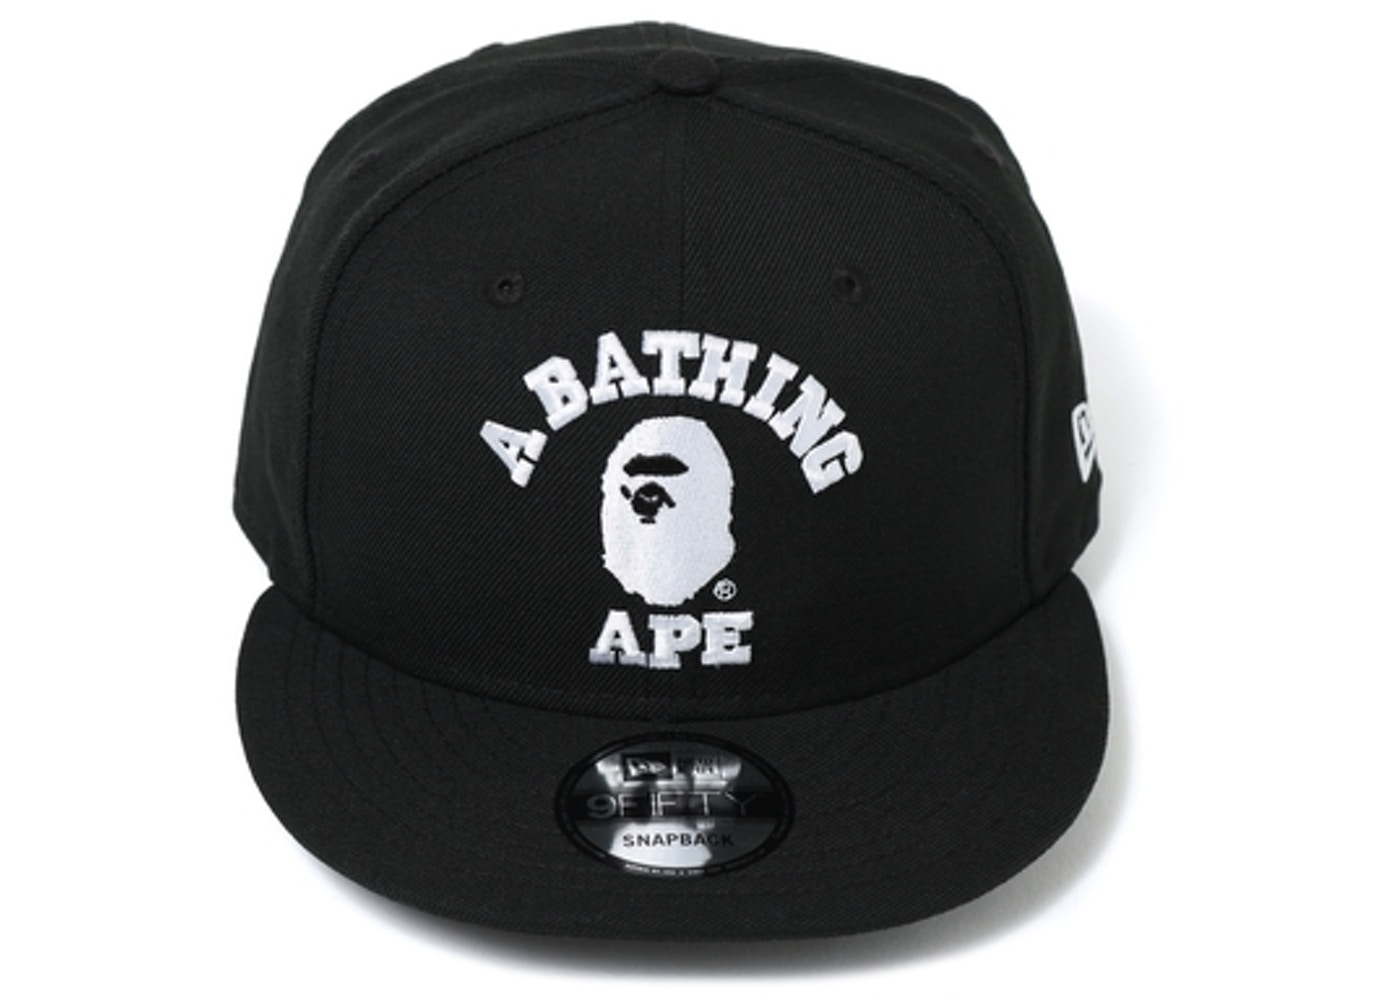 ba362c1a1f2 Bape Headwear - Buy   Sell Streetwear